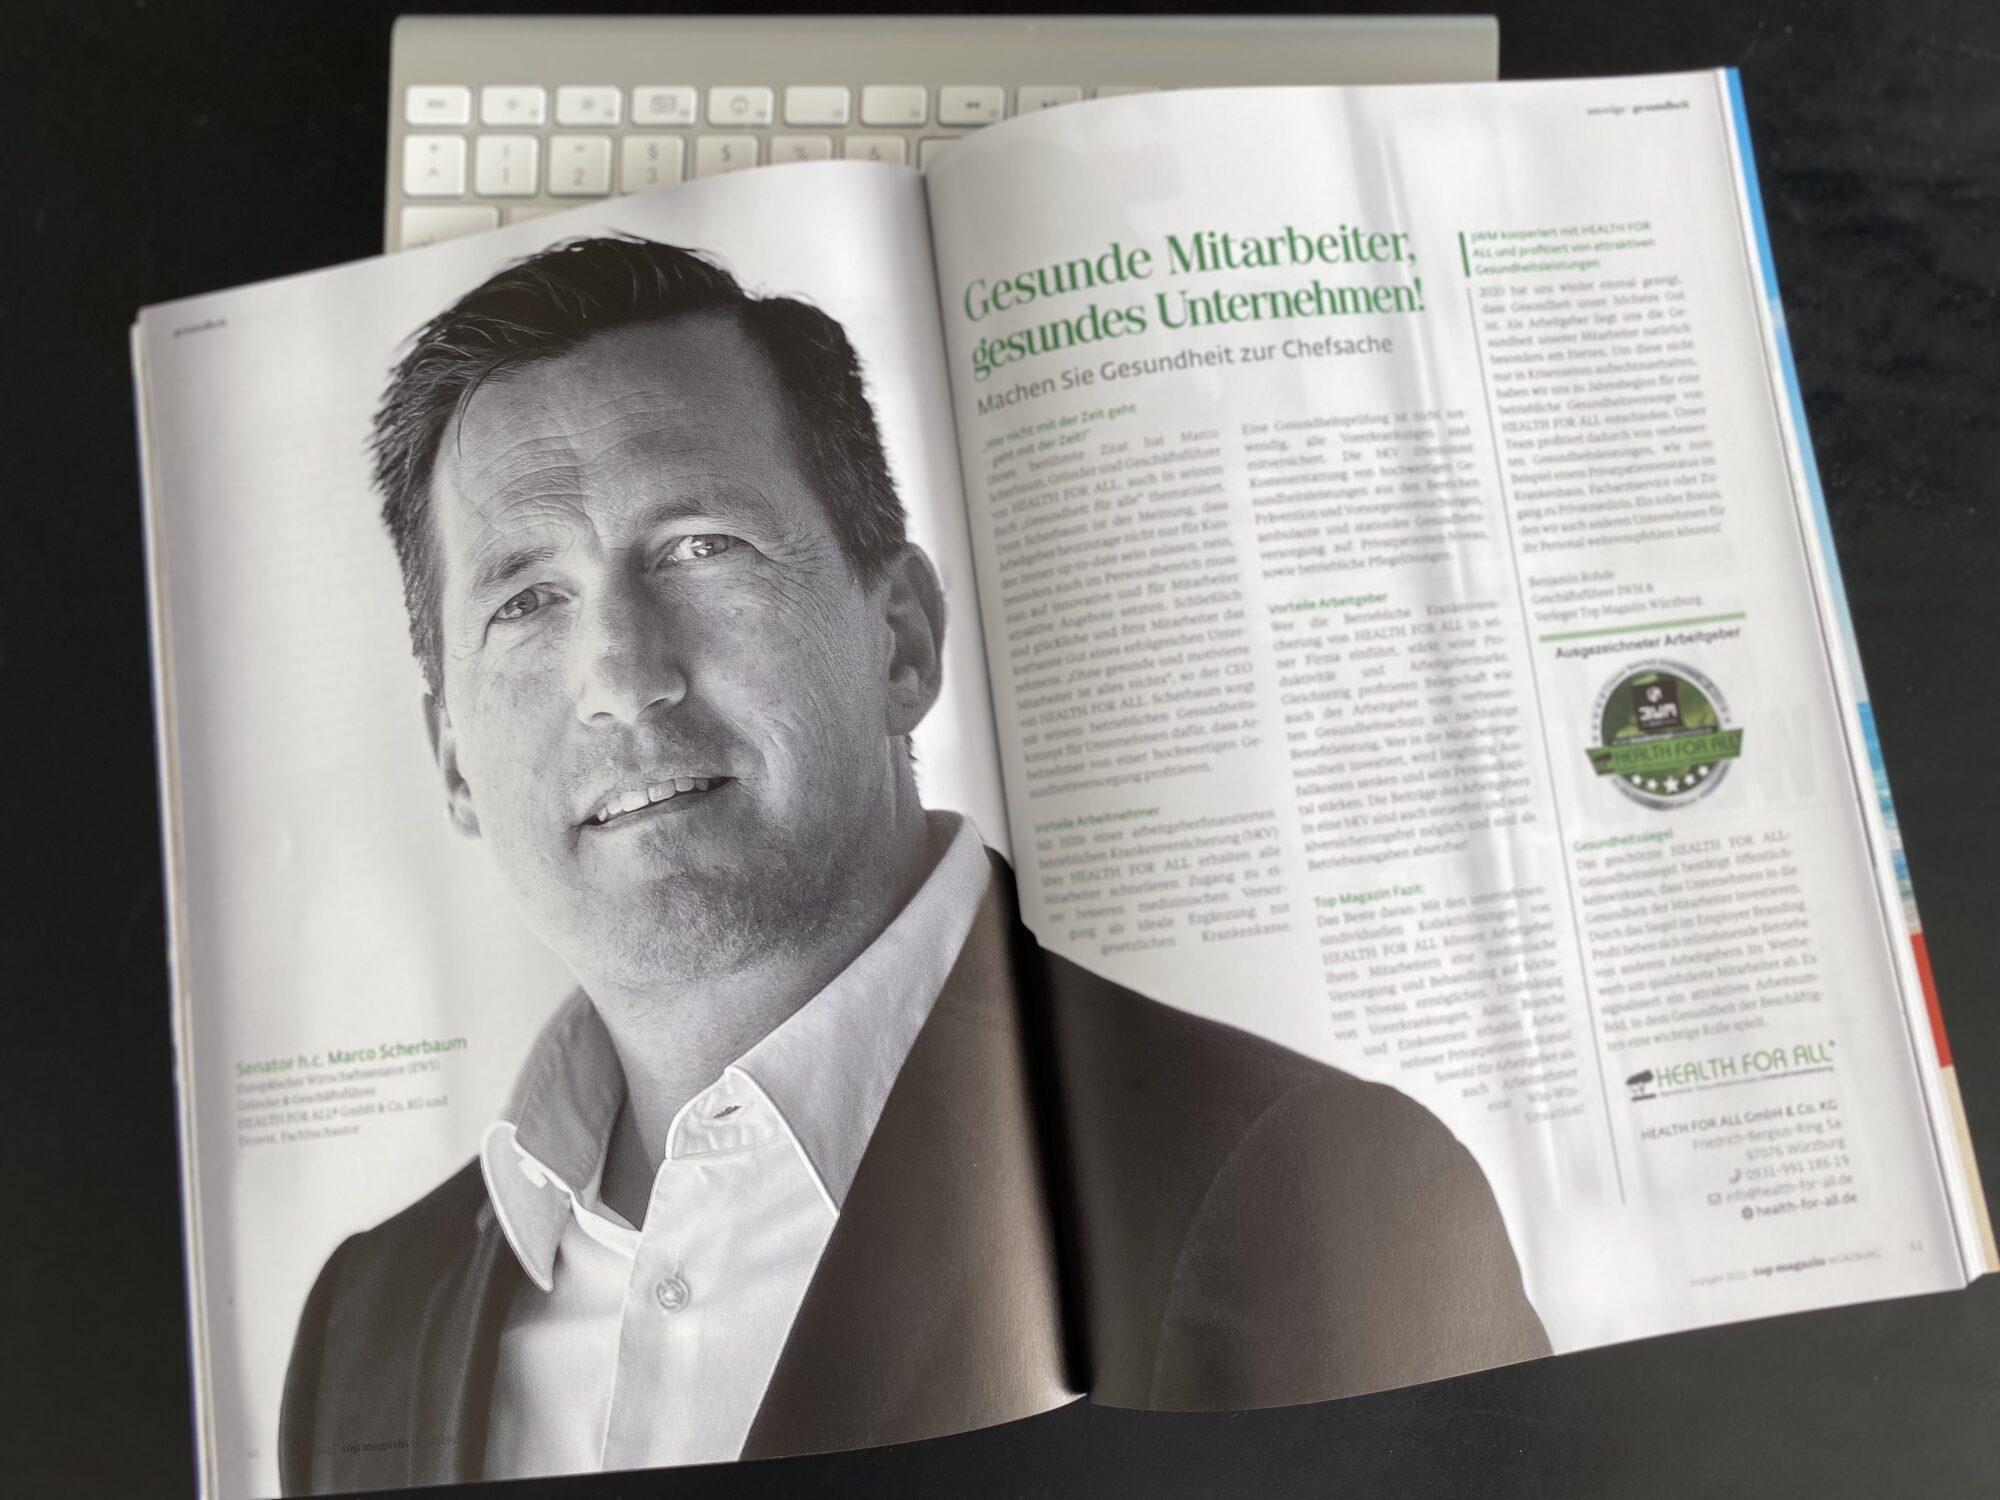 Top Magazin HEALTH FOR ALL® Betriebliche Krankenversicherung bKV, Senator h.c. Marco Scherbaum